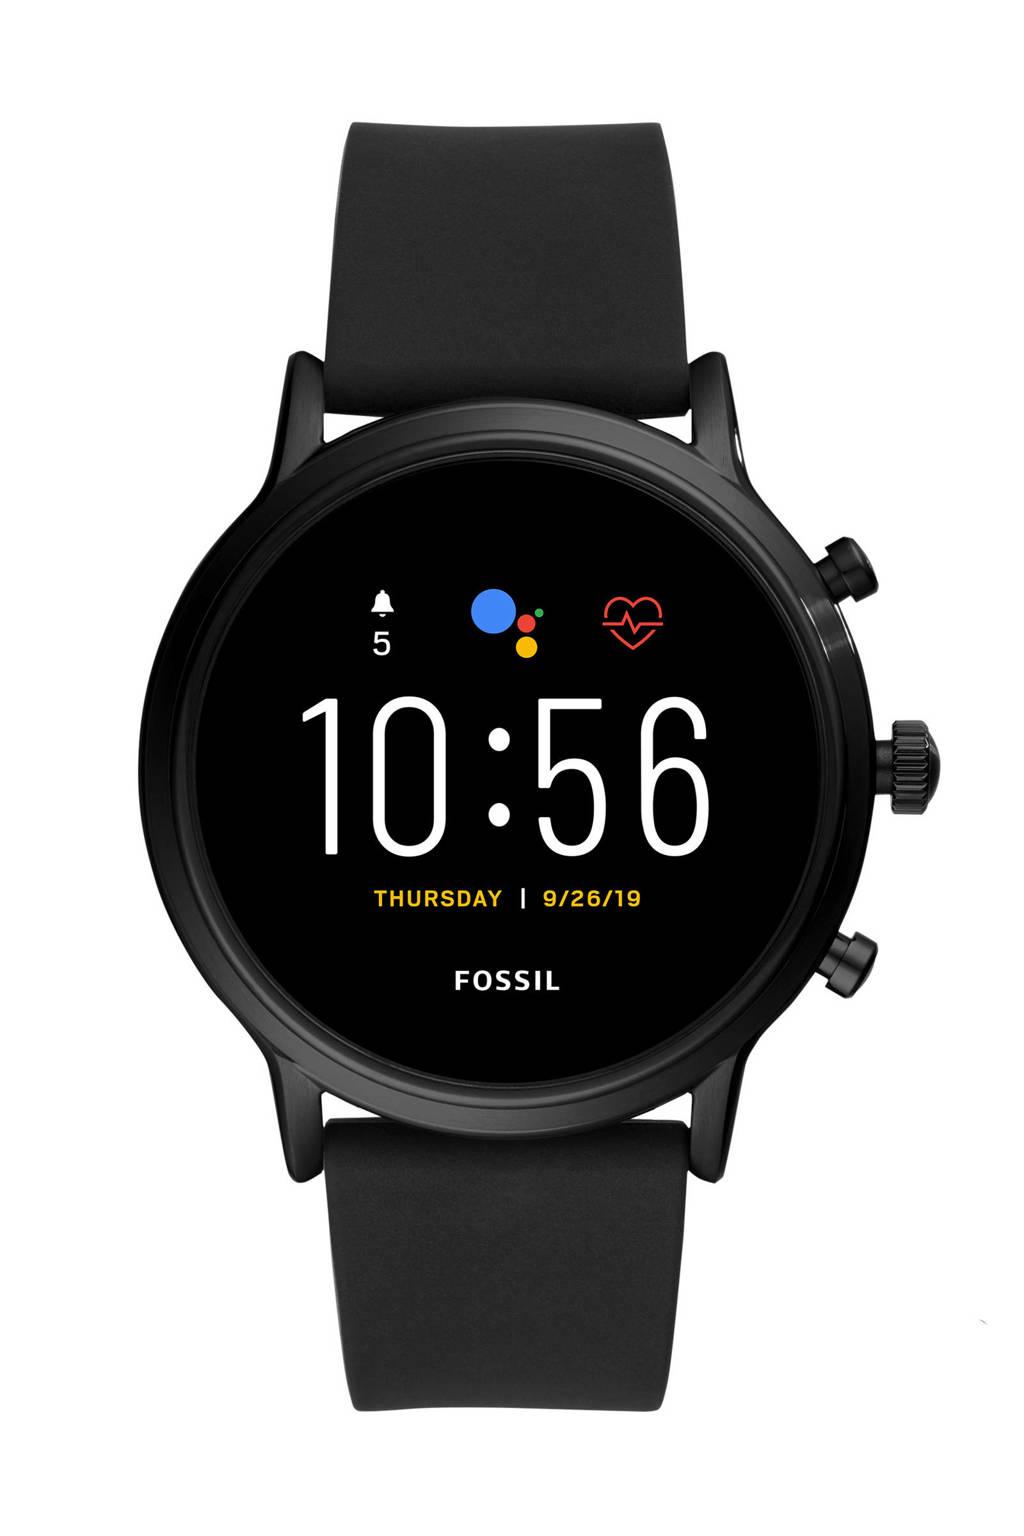 Fossil Carlyle HR Gen 5 Heren Display Smartwatch FTW4025, Zwart/Zwart